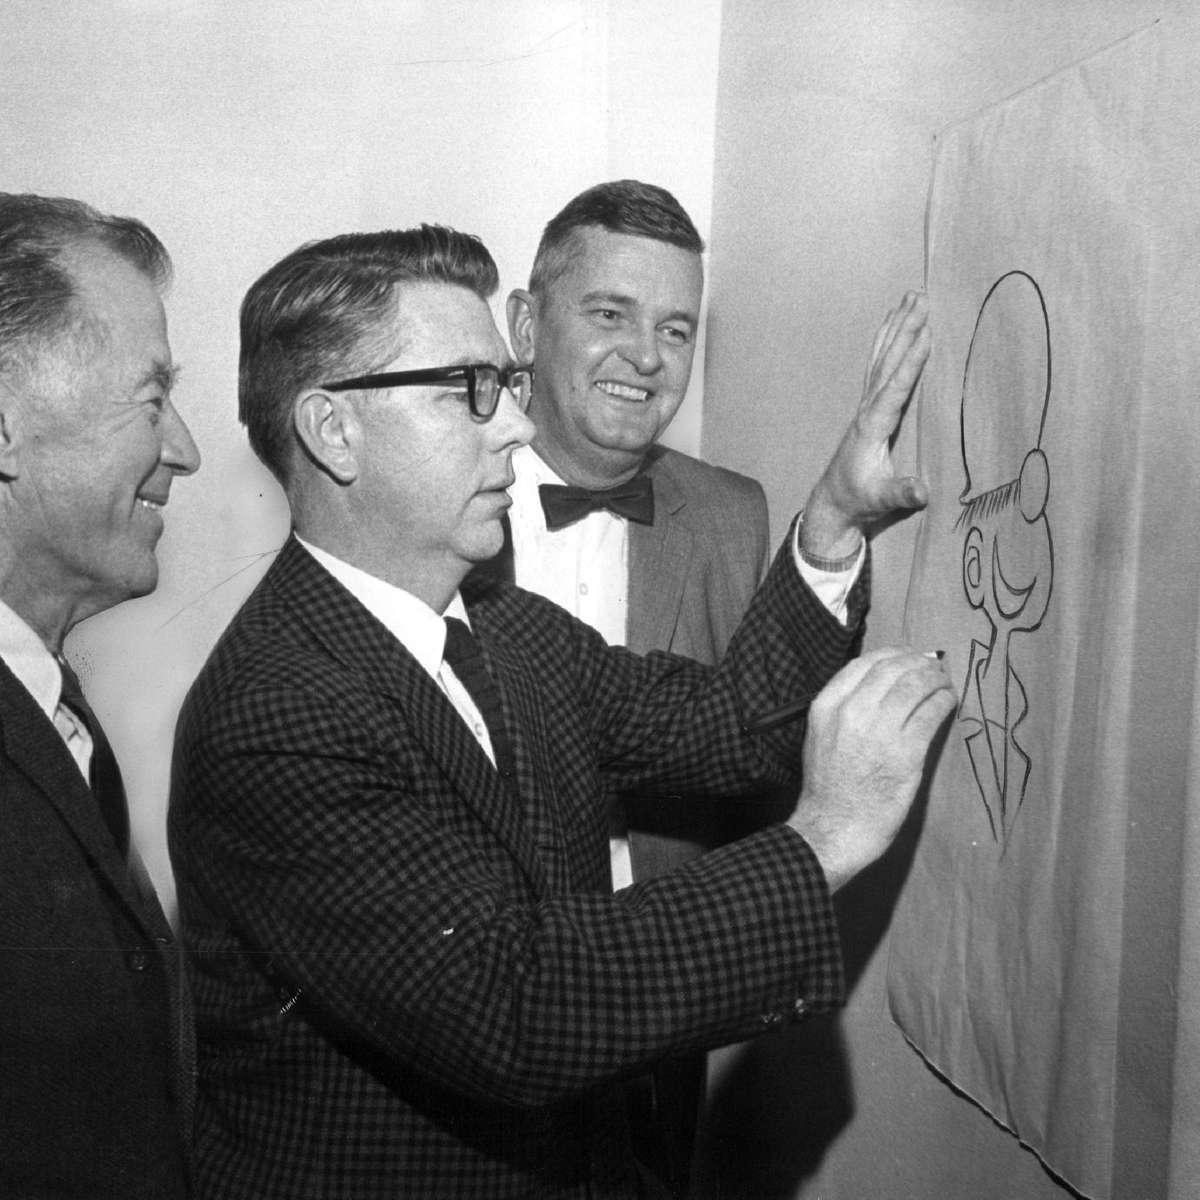 Cartoonist Mort Walker, creator of Beetle Bailey